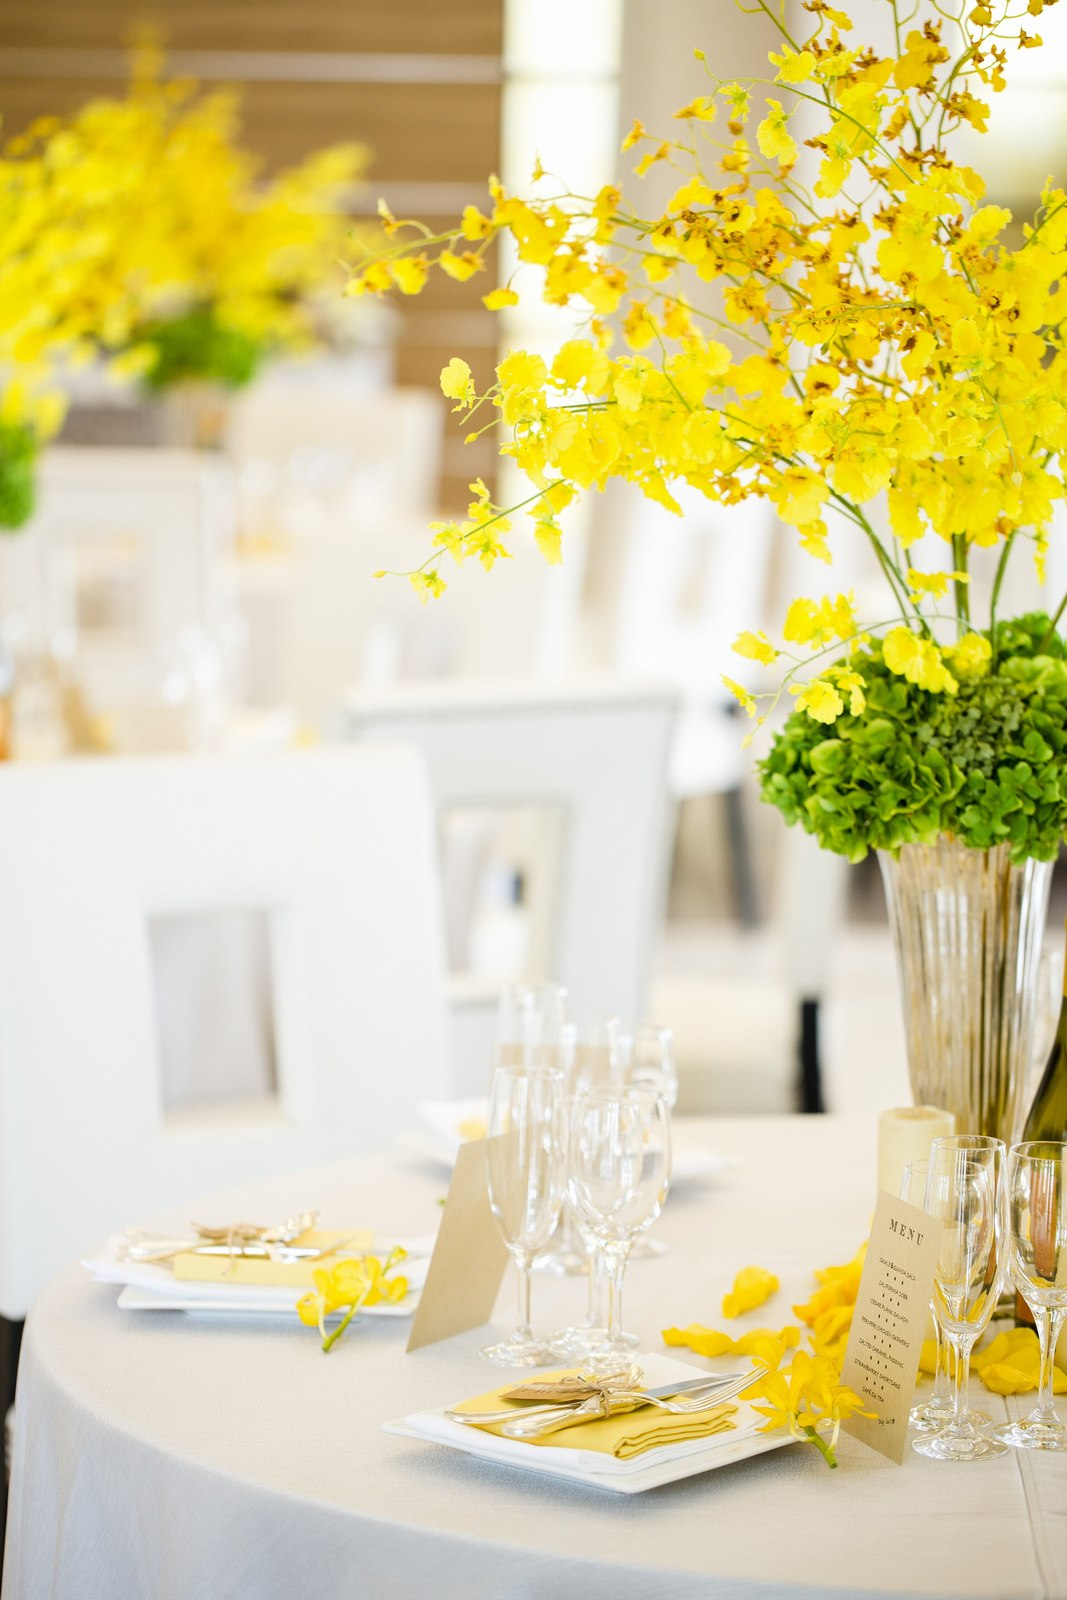 香川県の人気の結婚式場のシェルエメール&アイスタイルのテーブルコーディネート